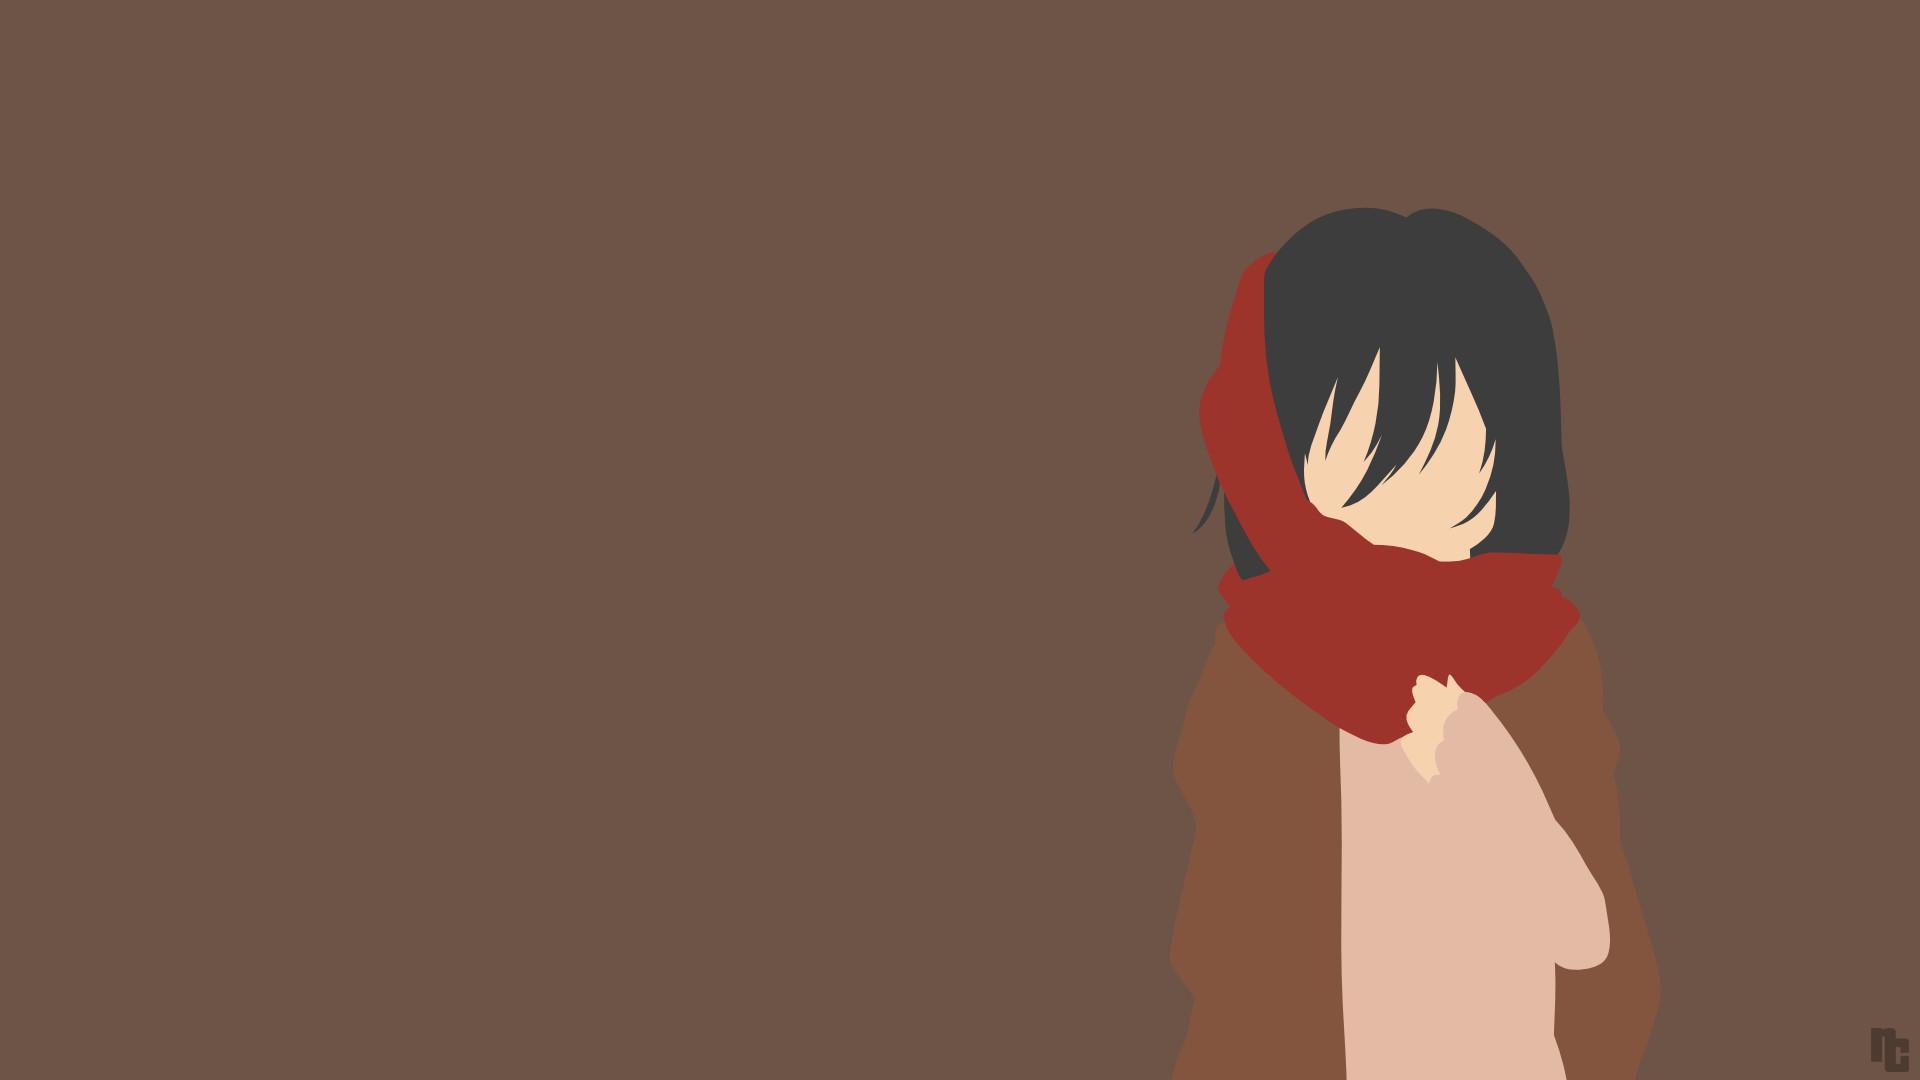 Minimalist Wallpaper Anime Minimalist Wallpaper Mikasa